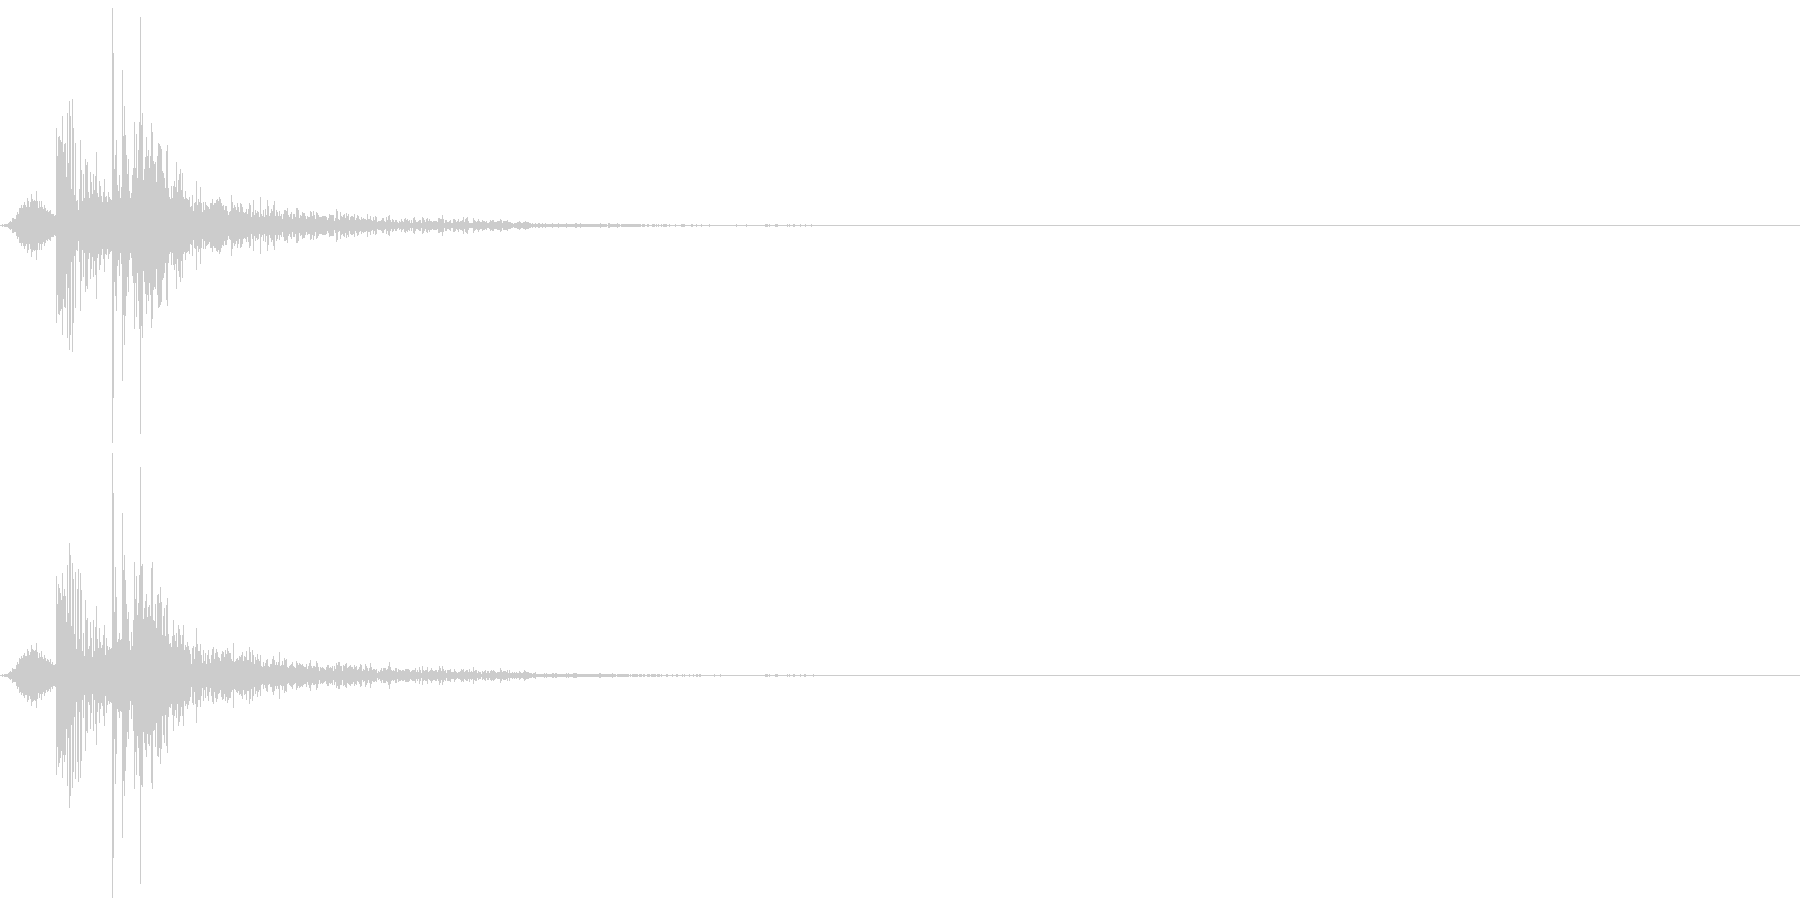 KAKUGE 格闘ゲーム戦闘音 38の未再生の波形